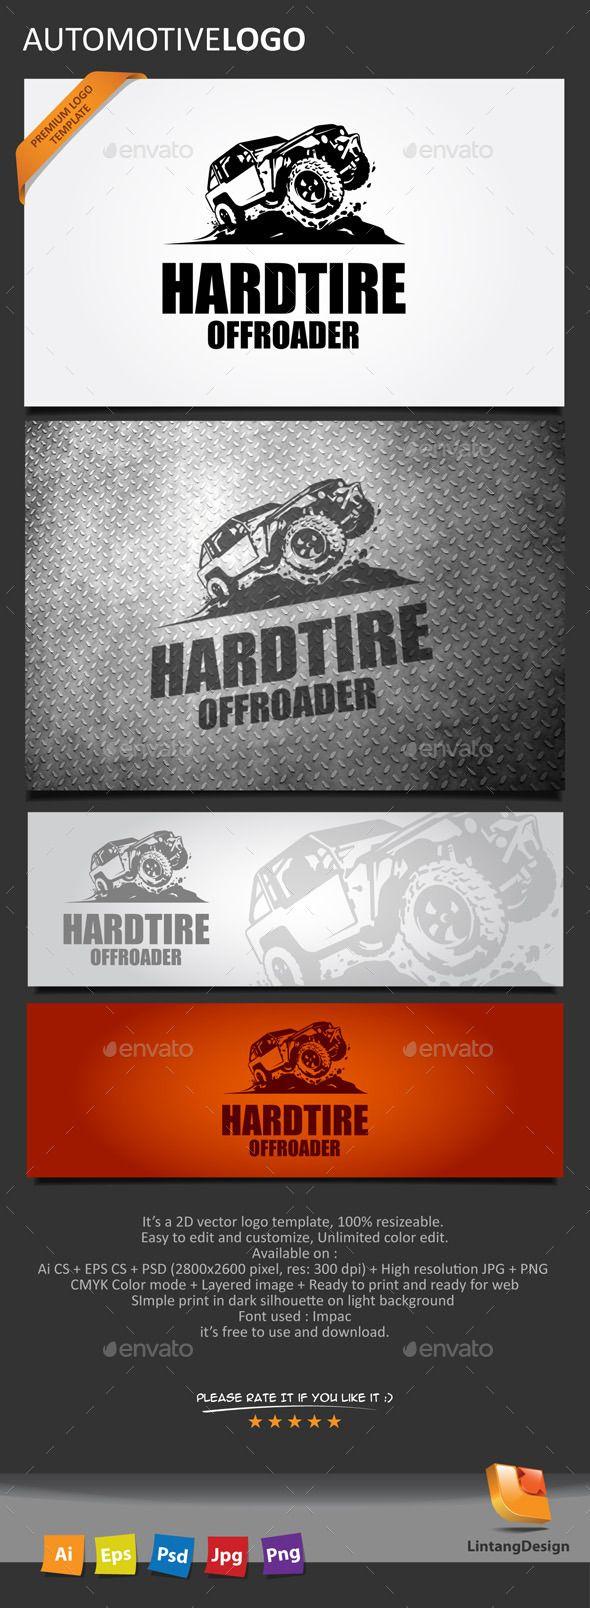 Best 25+ Automotive logo ideas on Pinterest